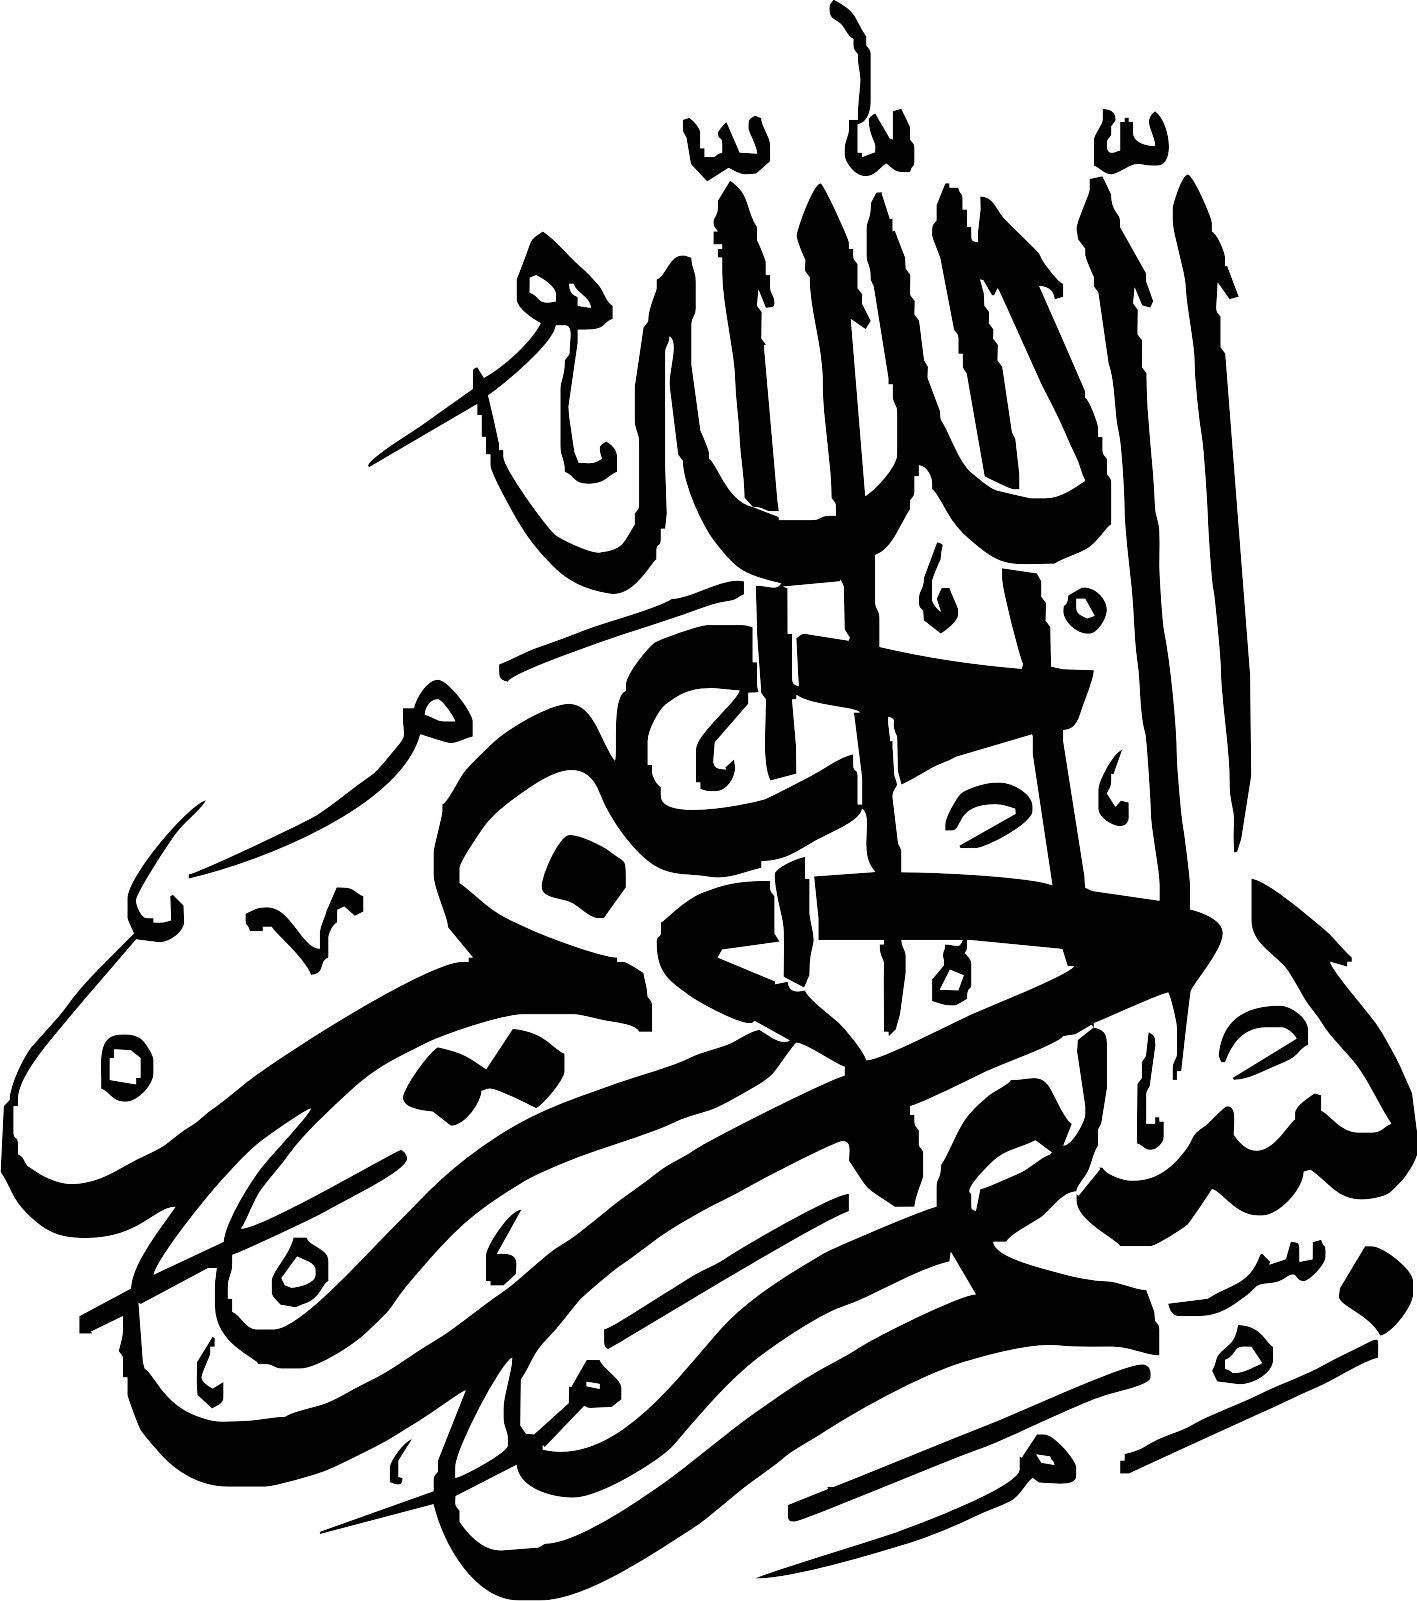 10 - طرح های  بسم الله الرحمن الرحیم برای مقاله و پایان نامه